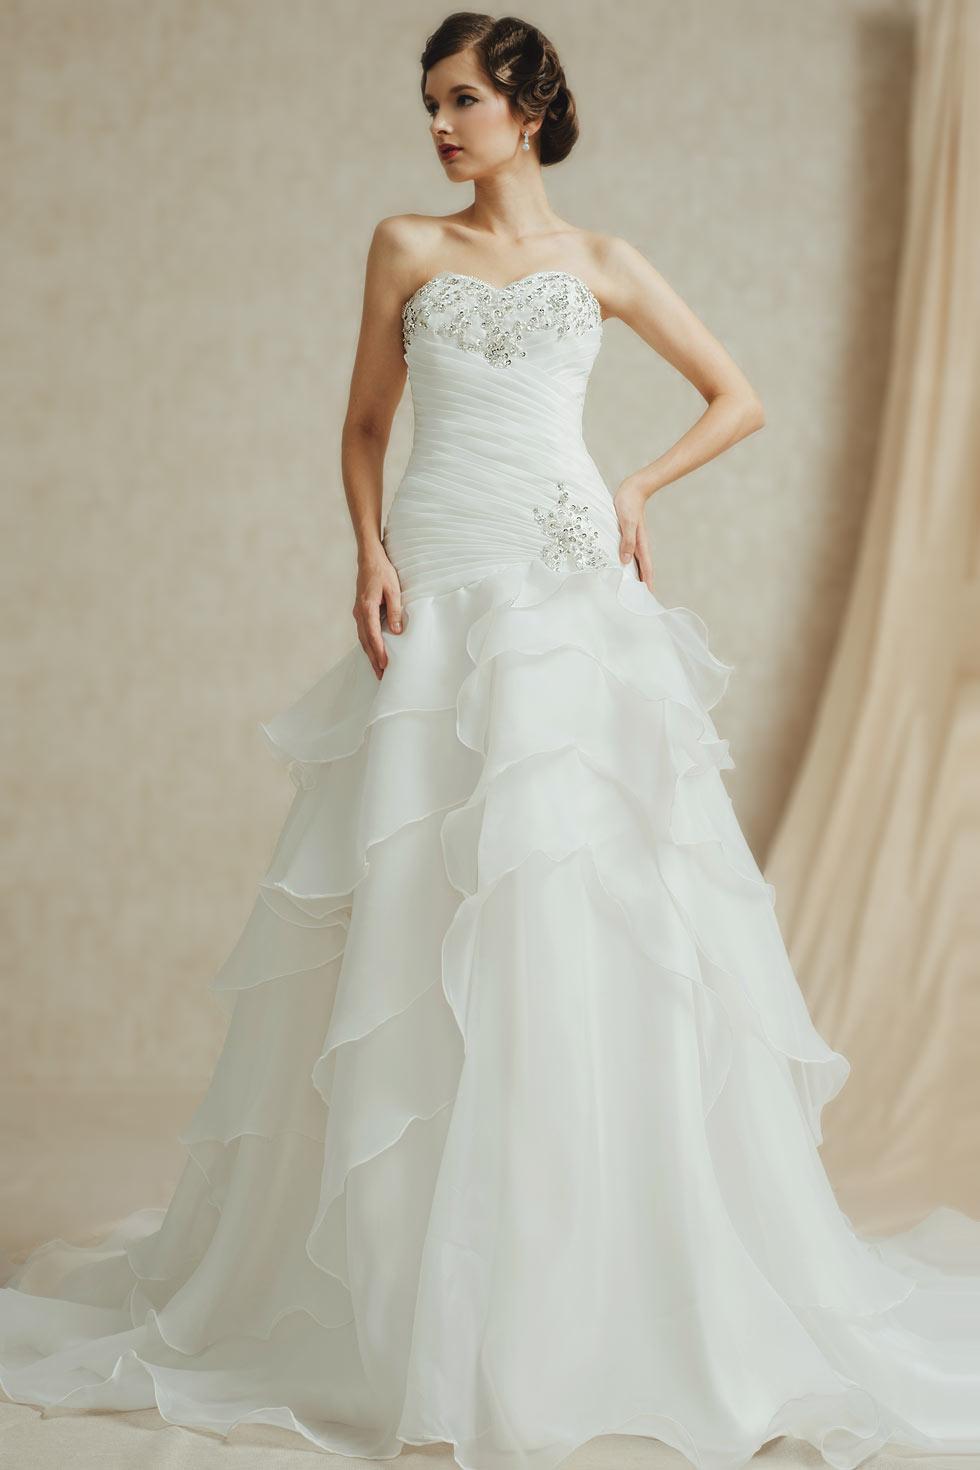 robe de mariée sirène bustier coeur ornée de strass jupe froufrou à volant